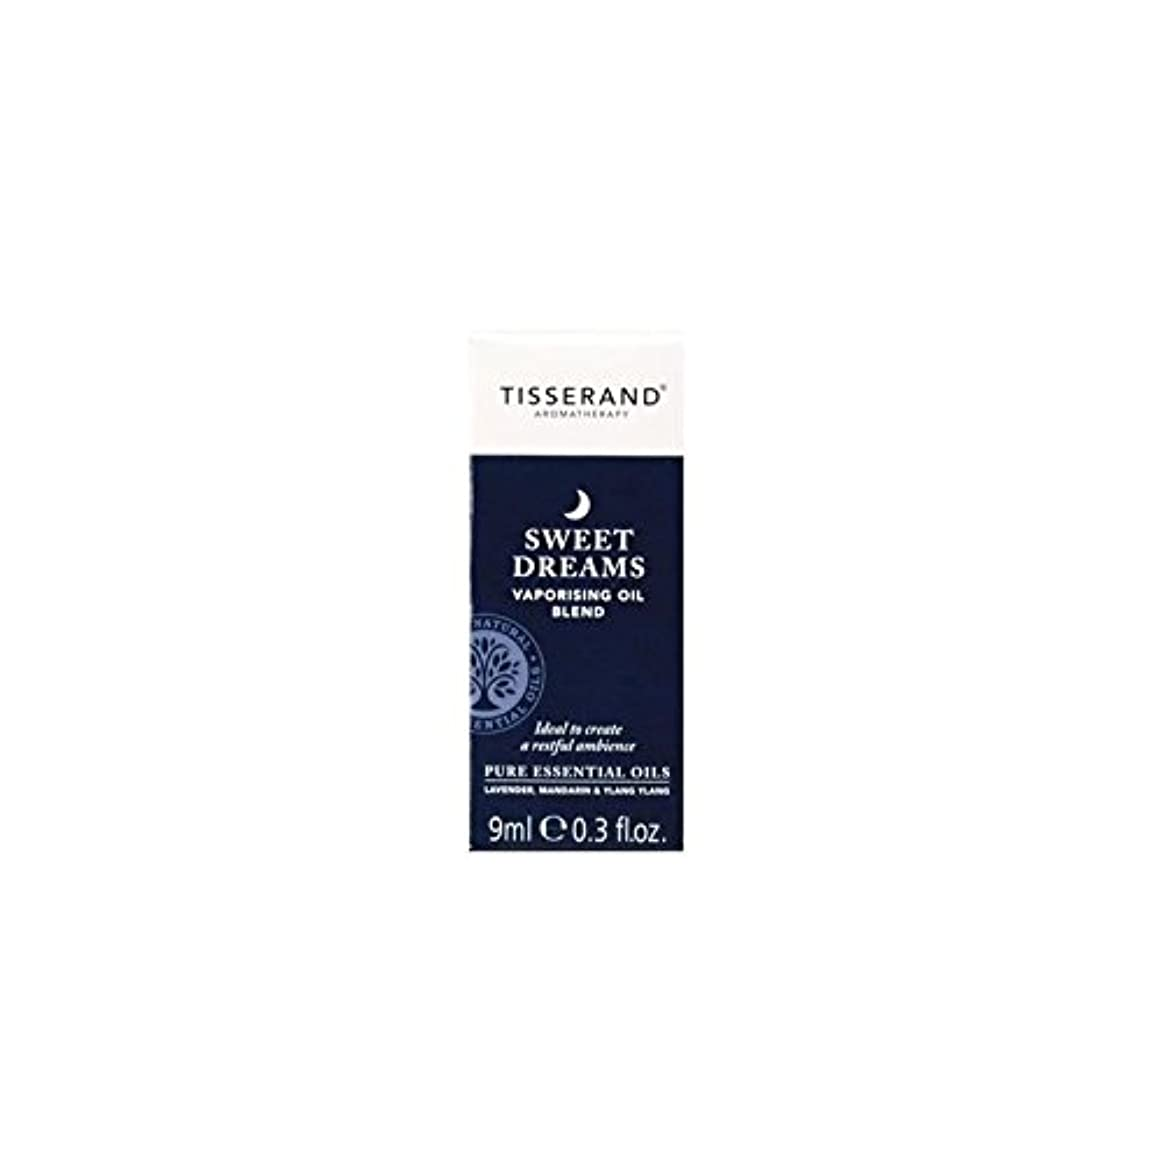 ジョージハンブリー一定ユーモラスオイル9ミリリットルを気化甘い夢 (Tisserand) (x 4) - Tisserand Sweet Dreams Vaporising Oil 9ml (Pack of 4) [並行輸入品]